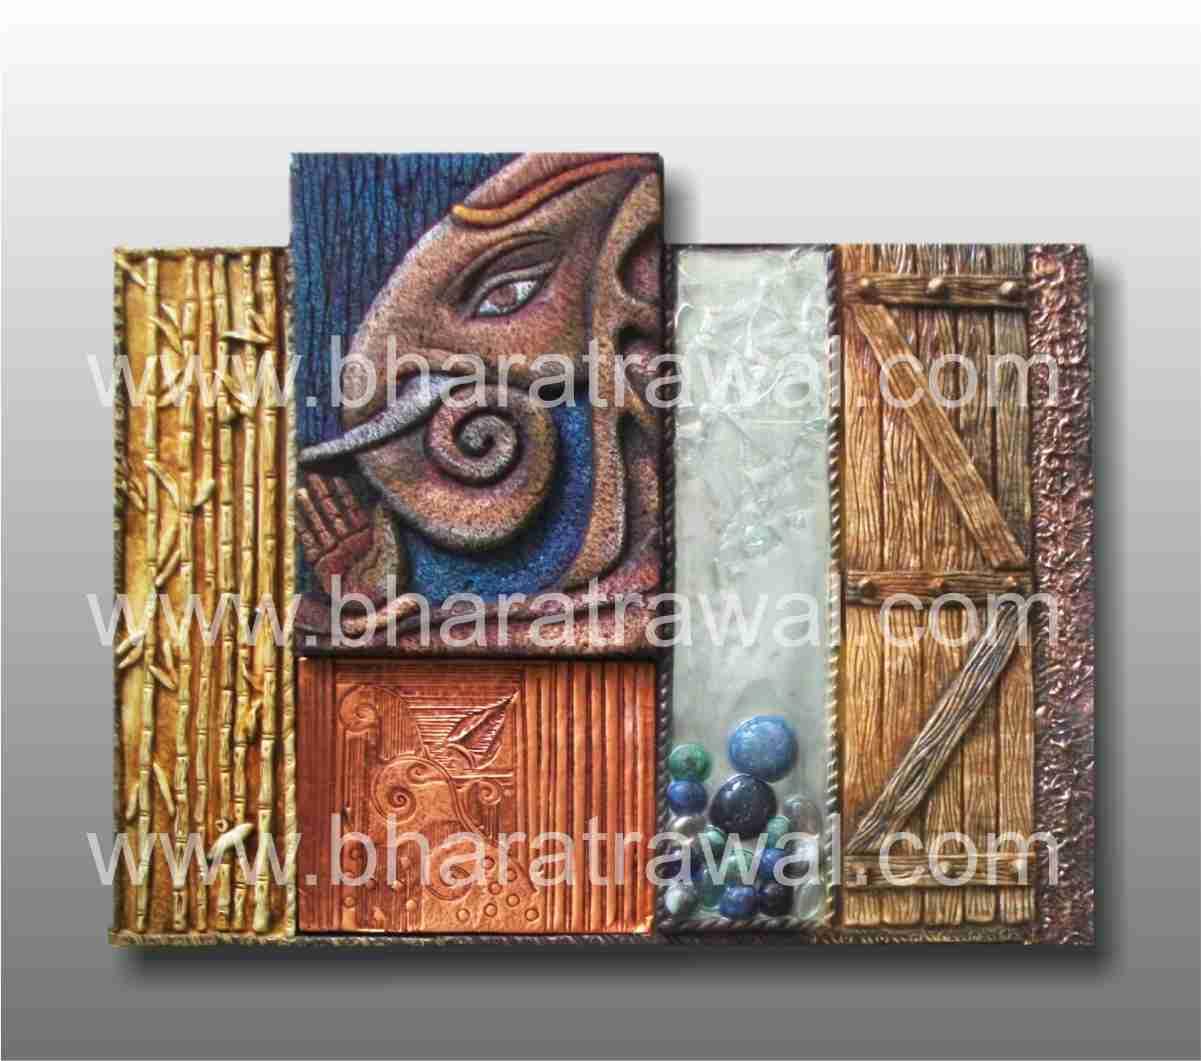 Mural art by muralguru bharat rawal siporex ceramic glass for 3d ceramic mural art